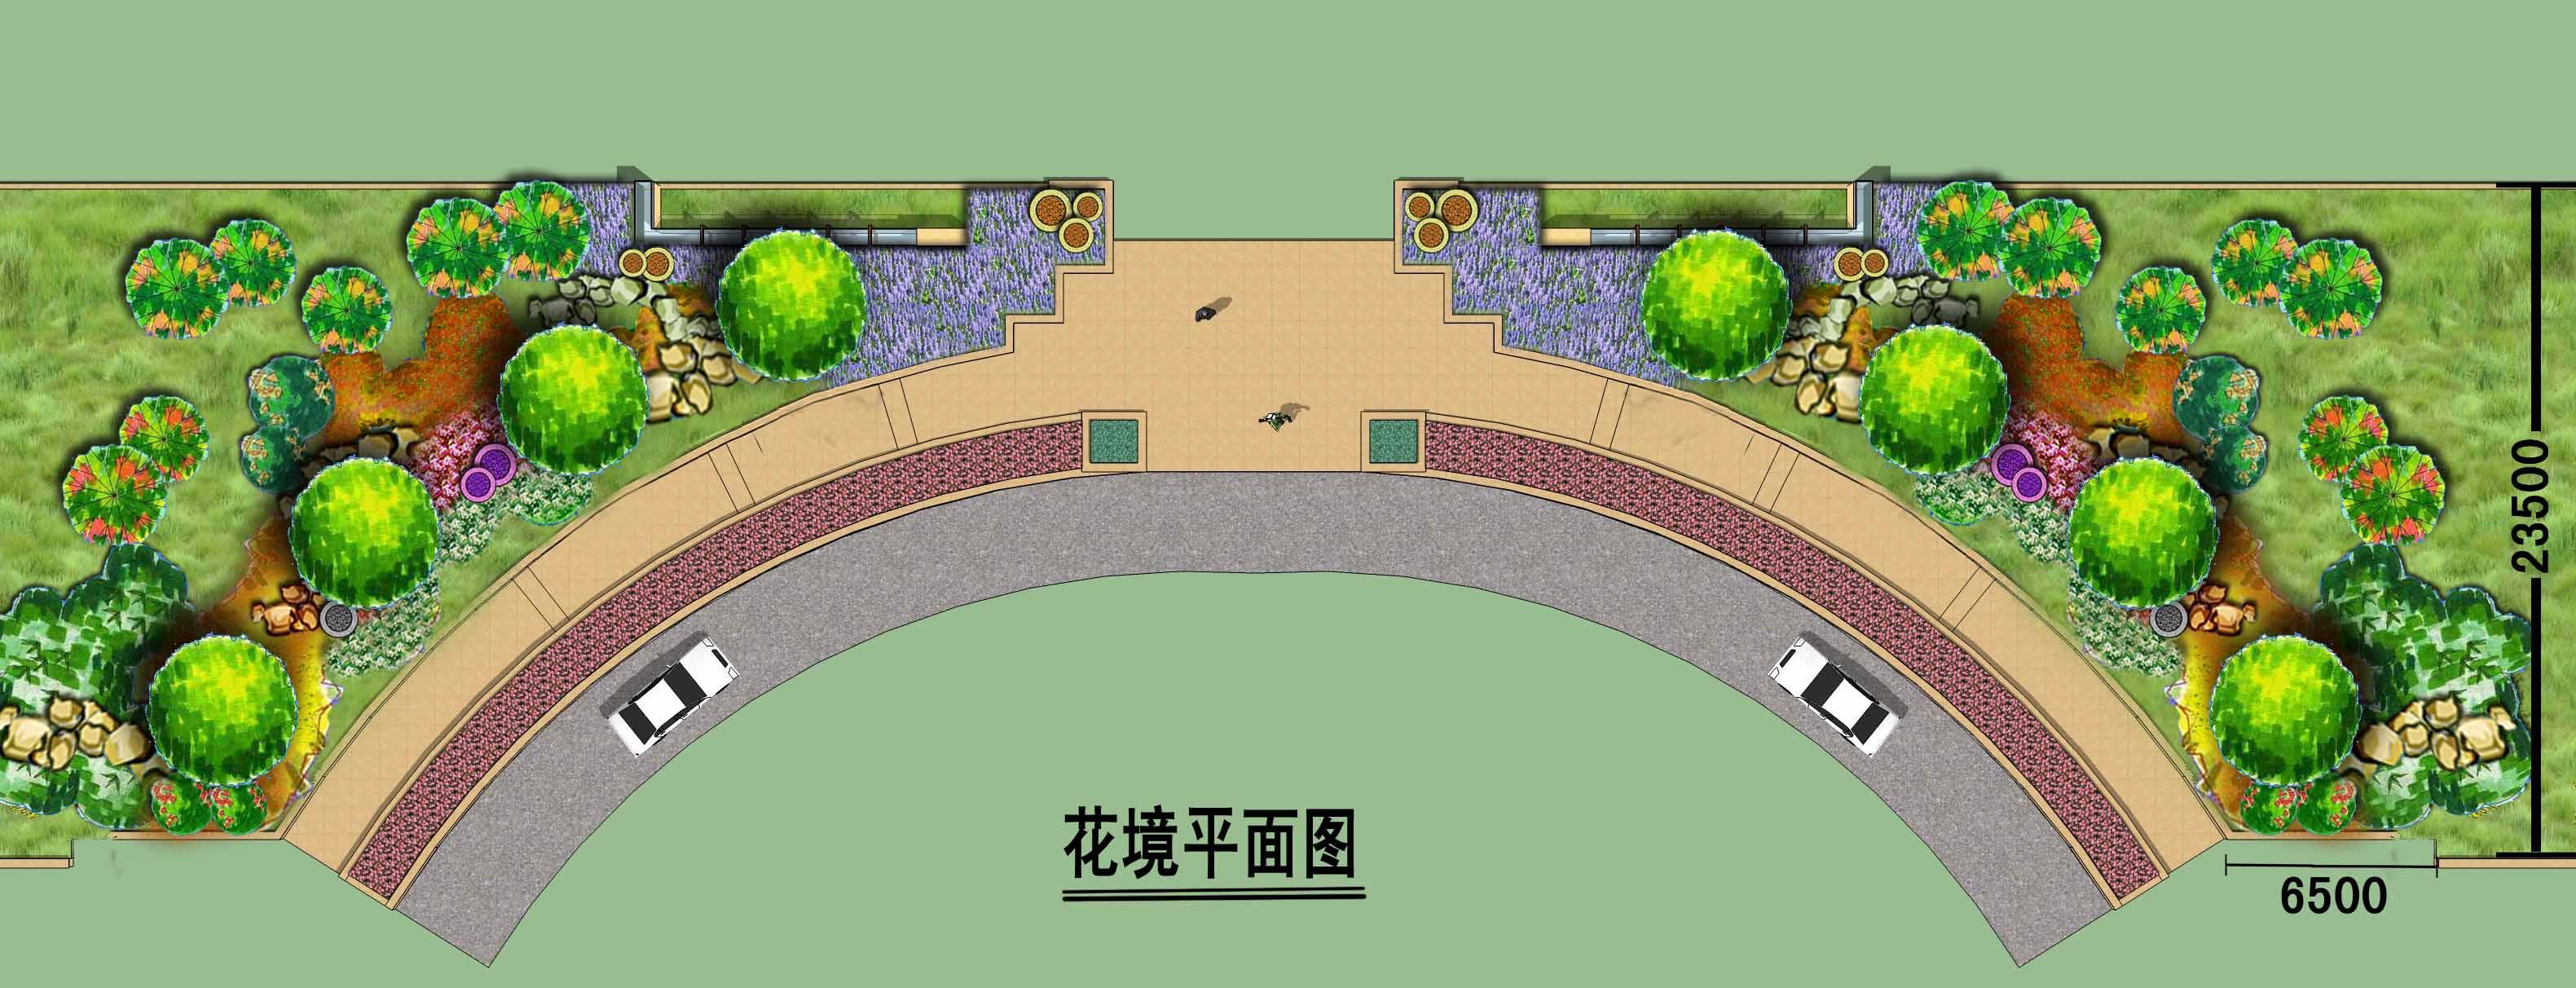 小景手绘平面图